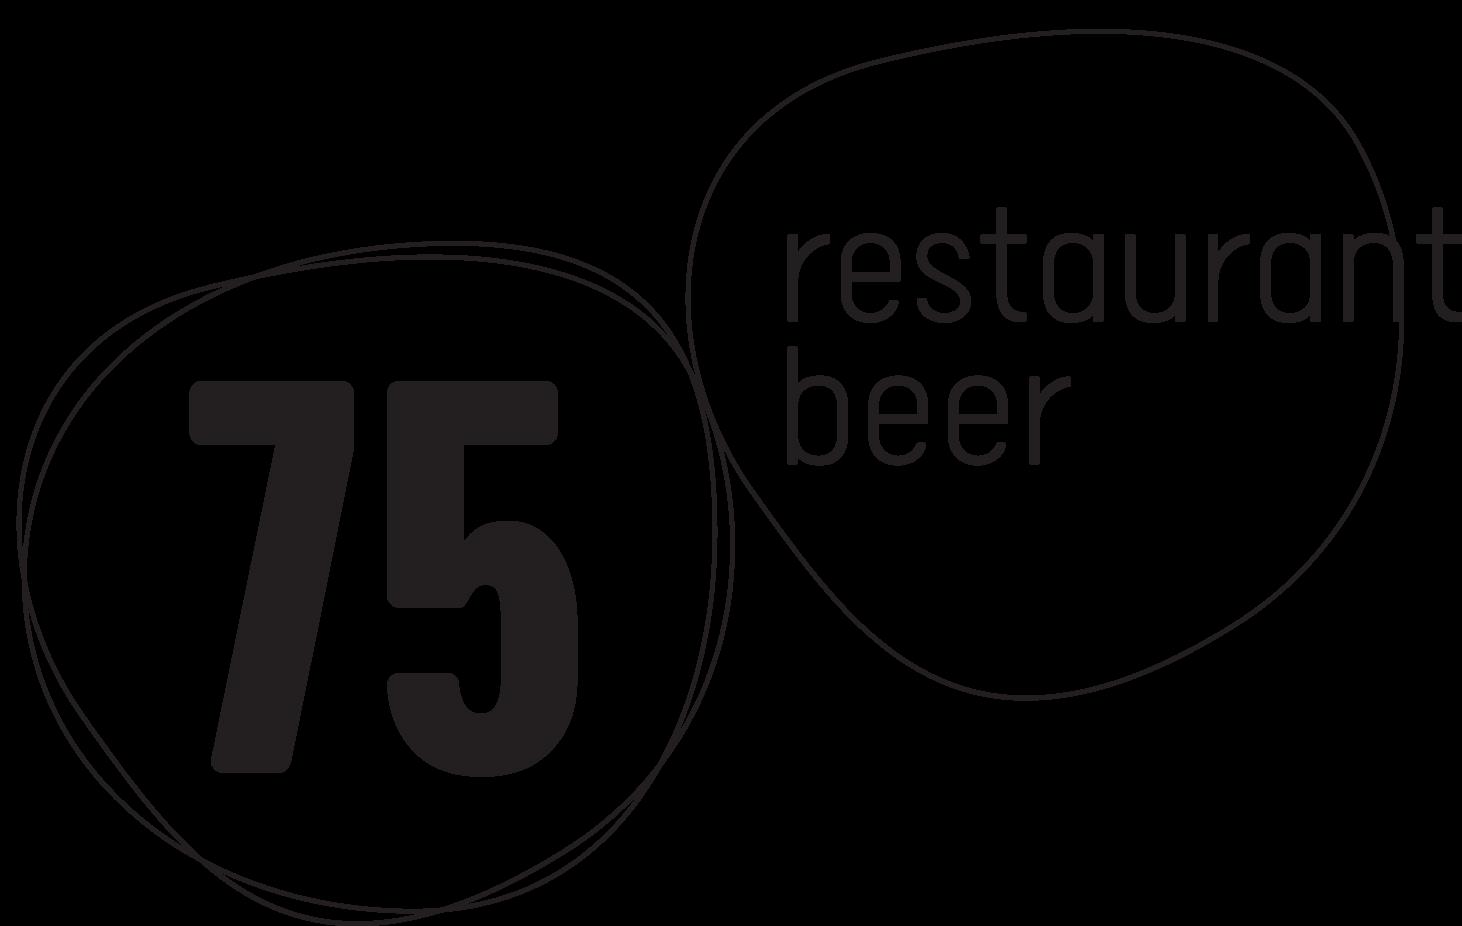 75 RESTAURANT & BEER